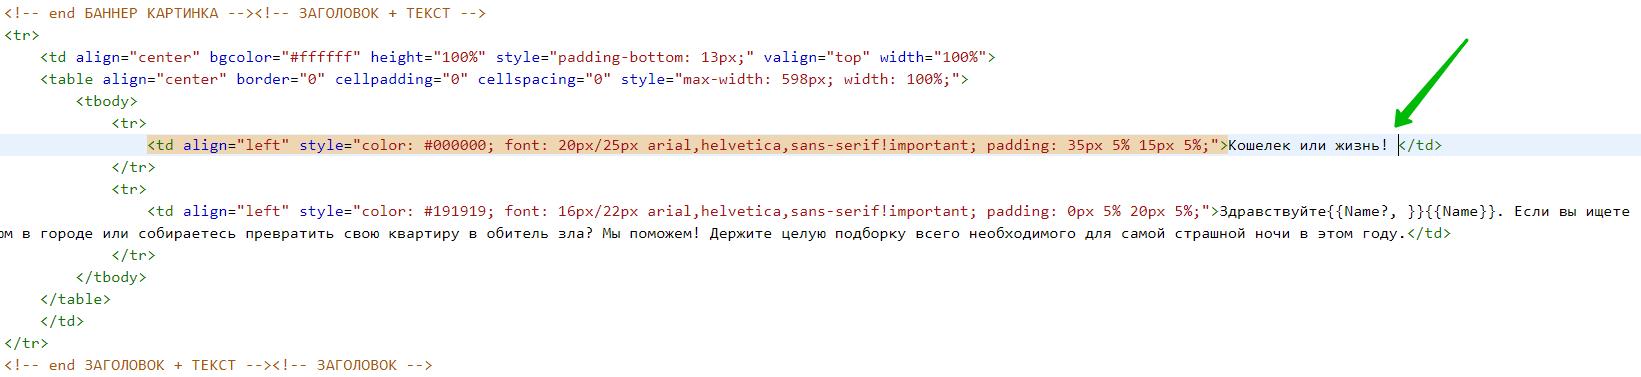 Ставим курсор в нужное место кода